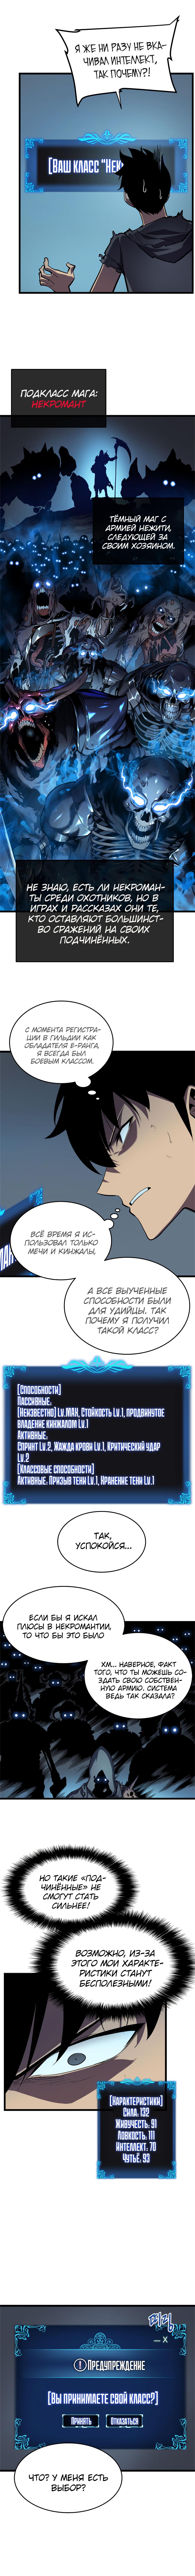 https://r1.ninemanga.com/comics/pic3/13/35341/1300017/1547313421455.png Page 2